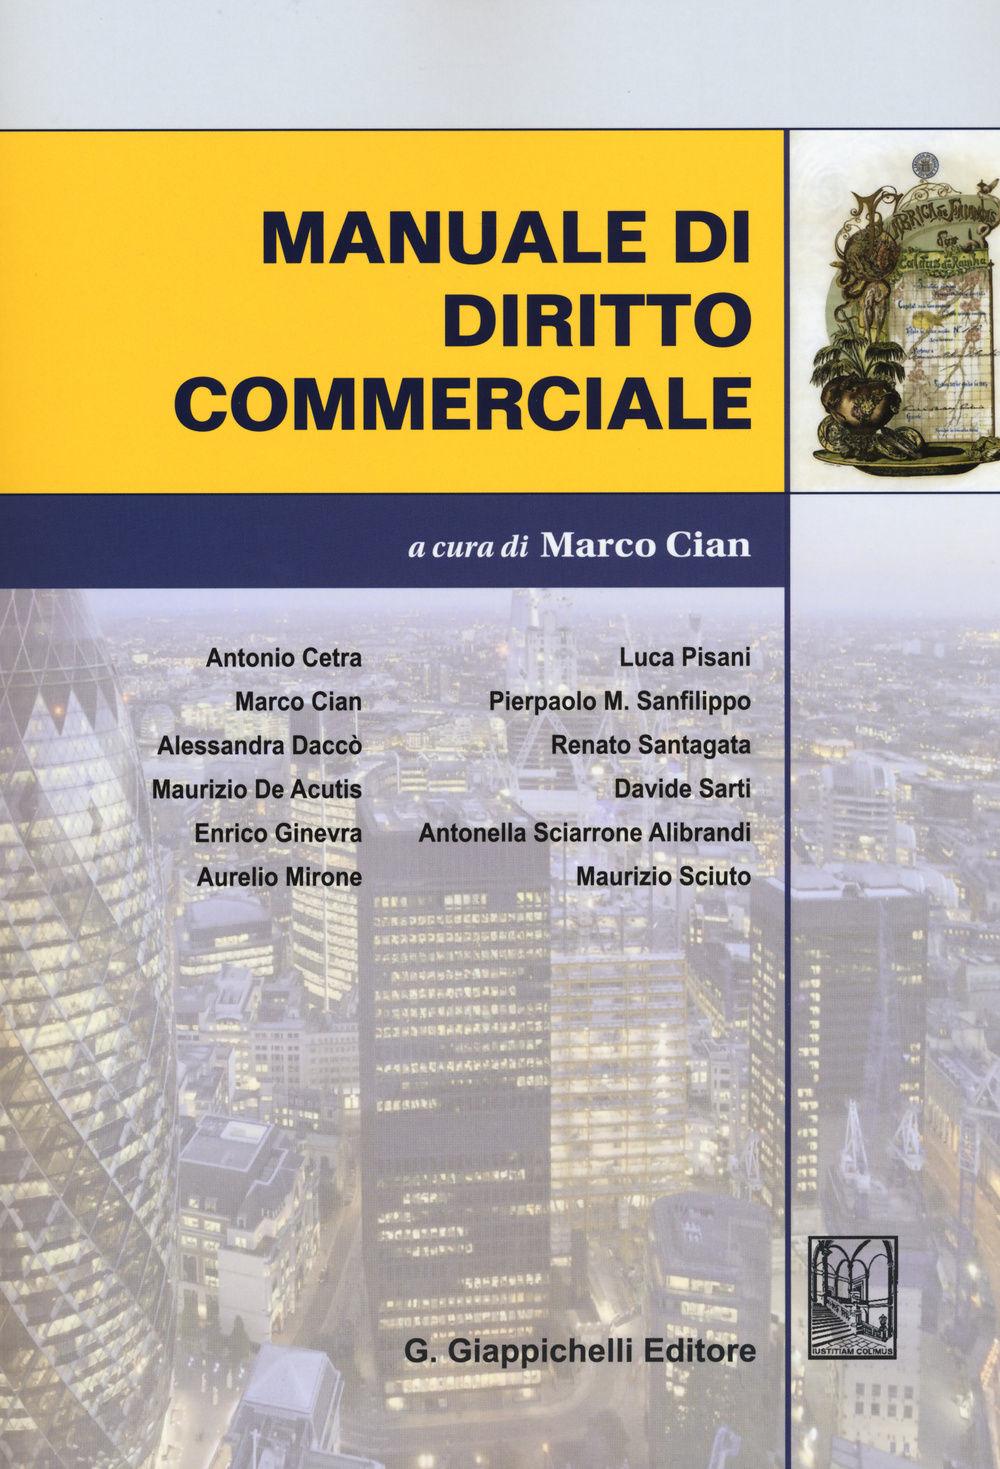 Manuale di diritto commerciale. A. Cetra [et al.] ; a cura di Marco Cian